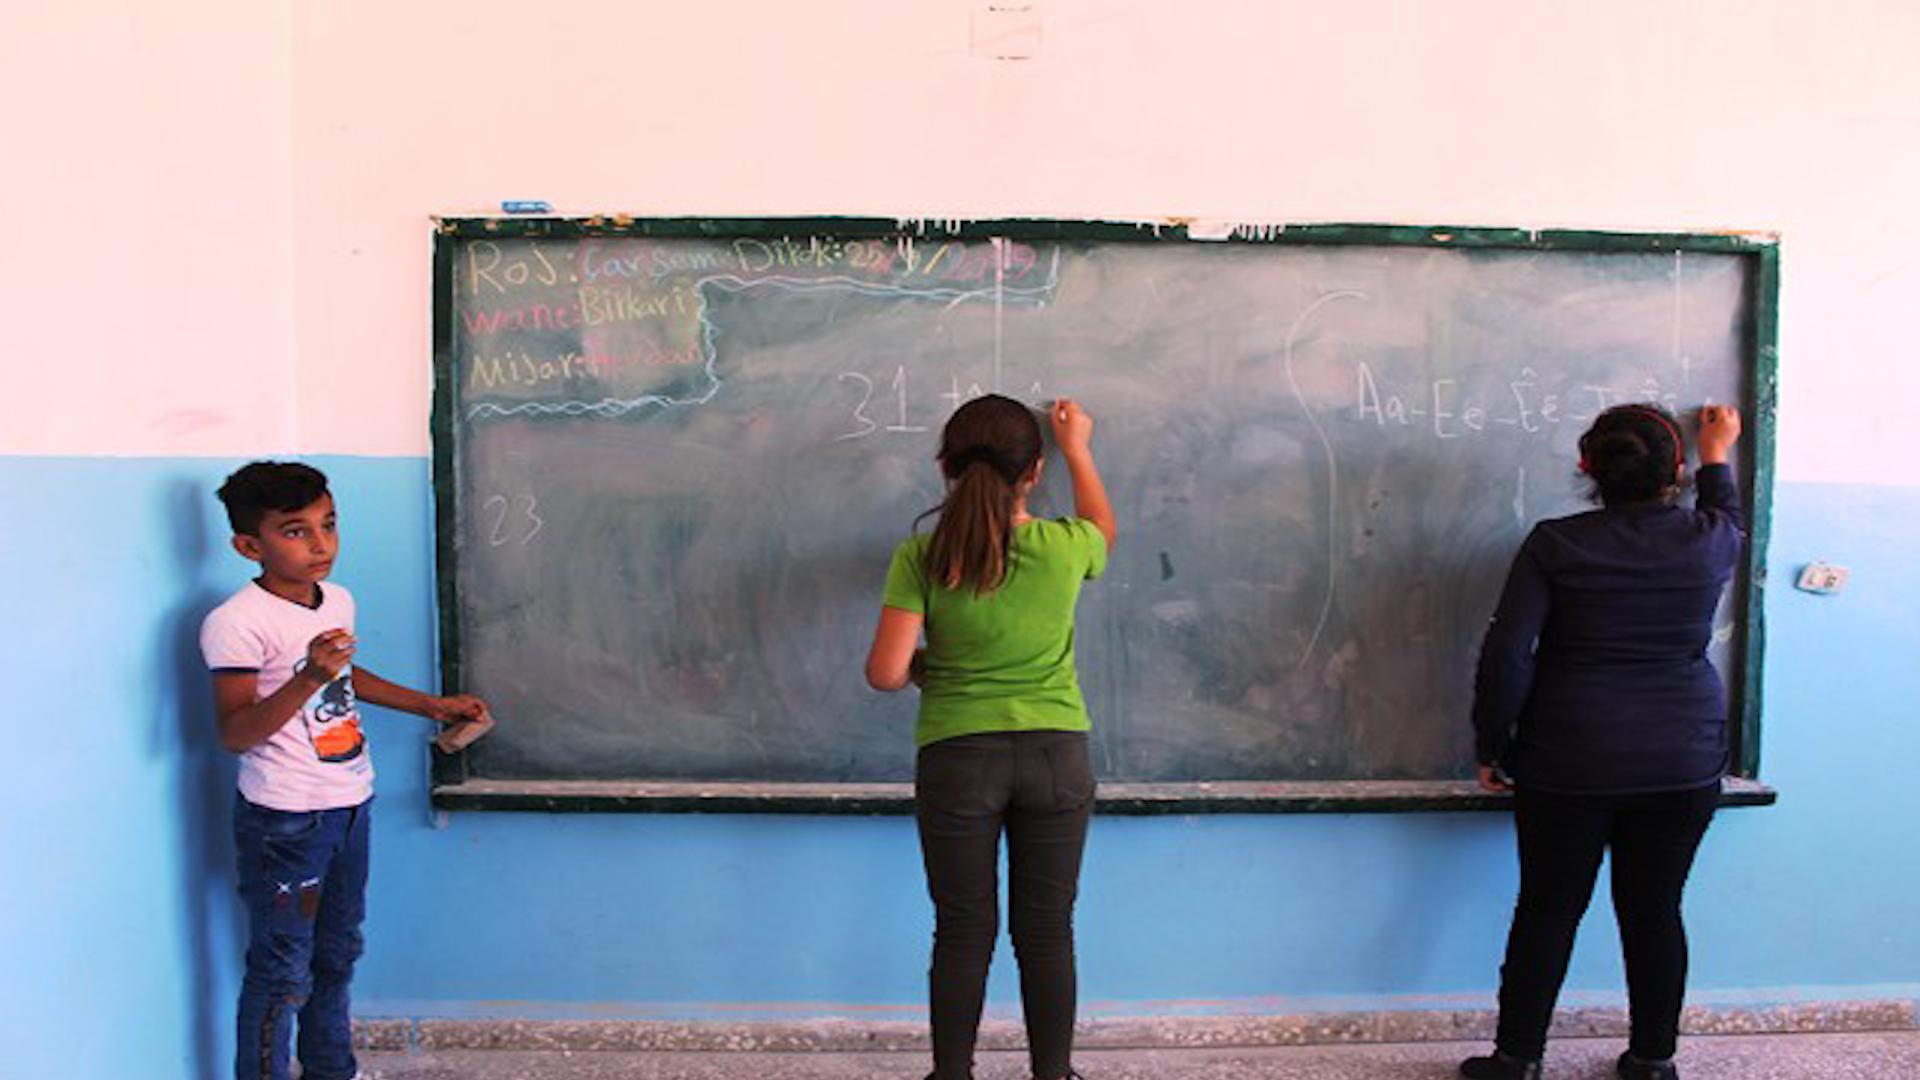 Photo of Komîteya perwerdeyê û fêrkirinê ji bo veguhestina xwendekarên 2 gudên Tirbespiyê erebeyan pede dike